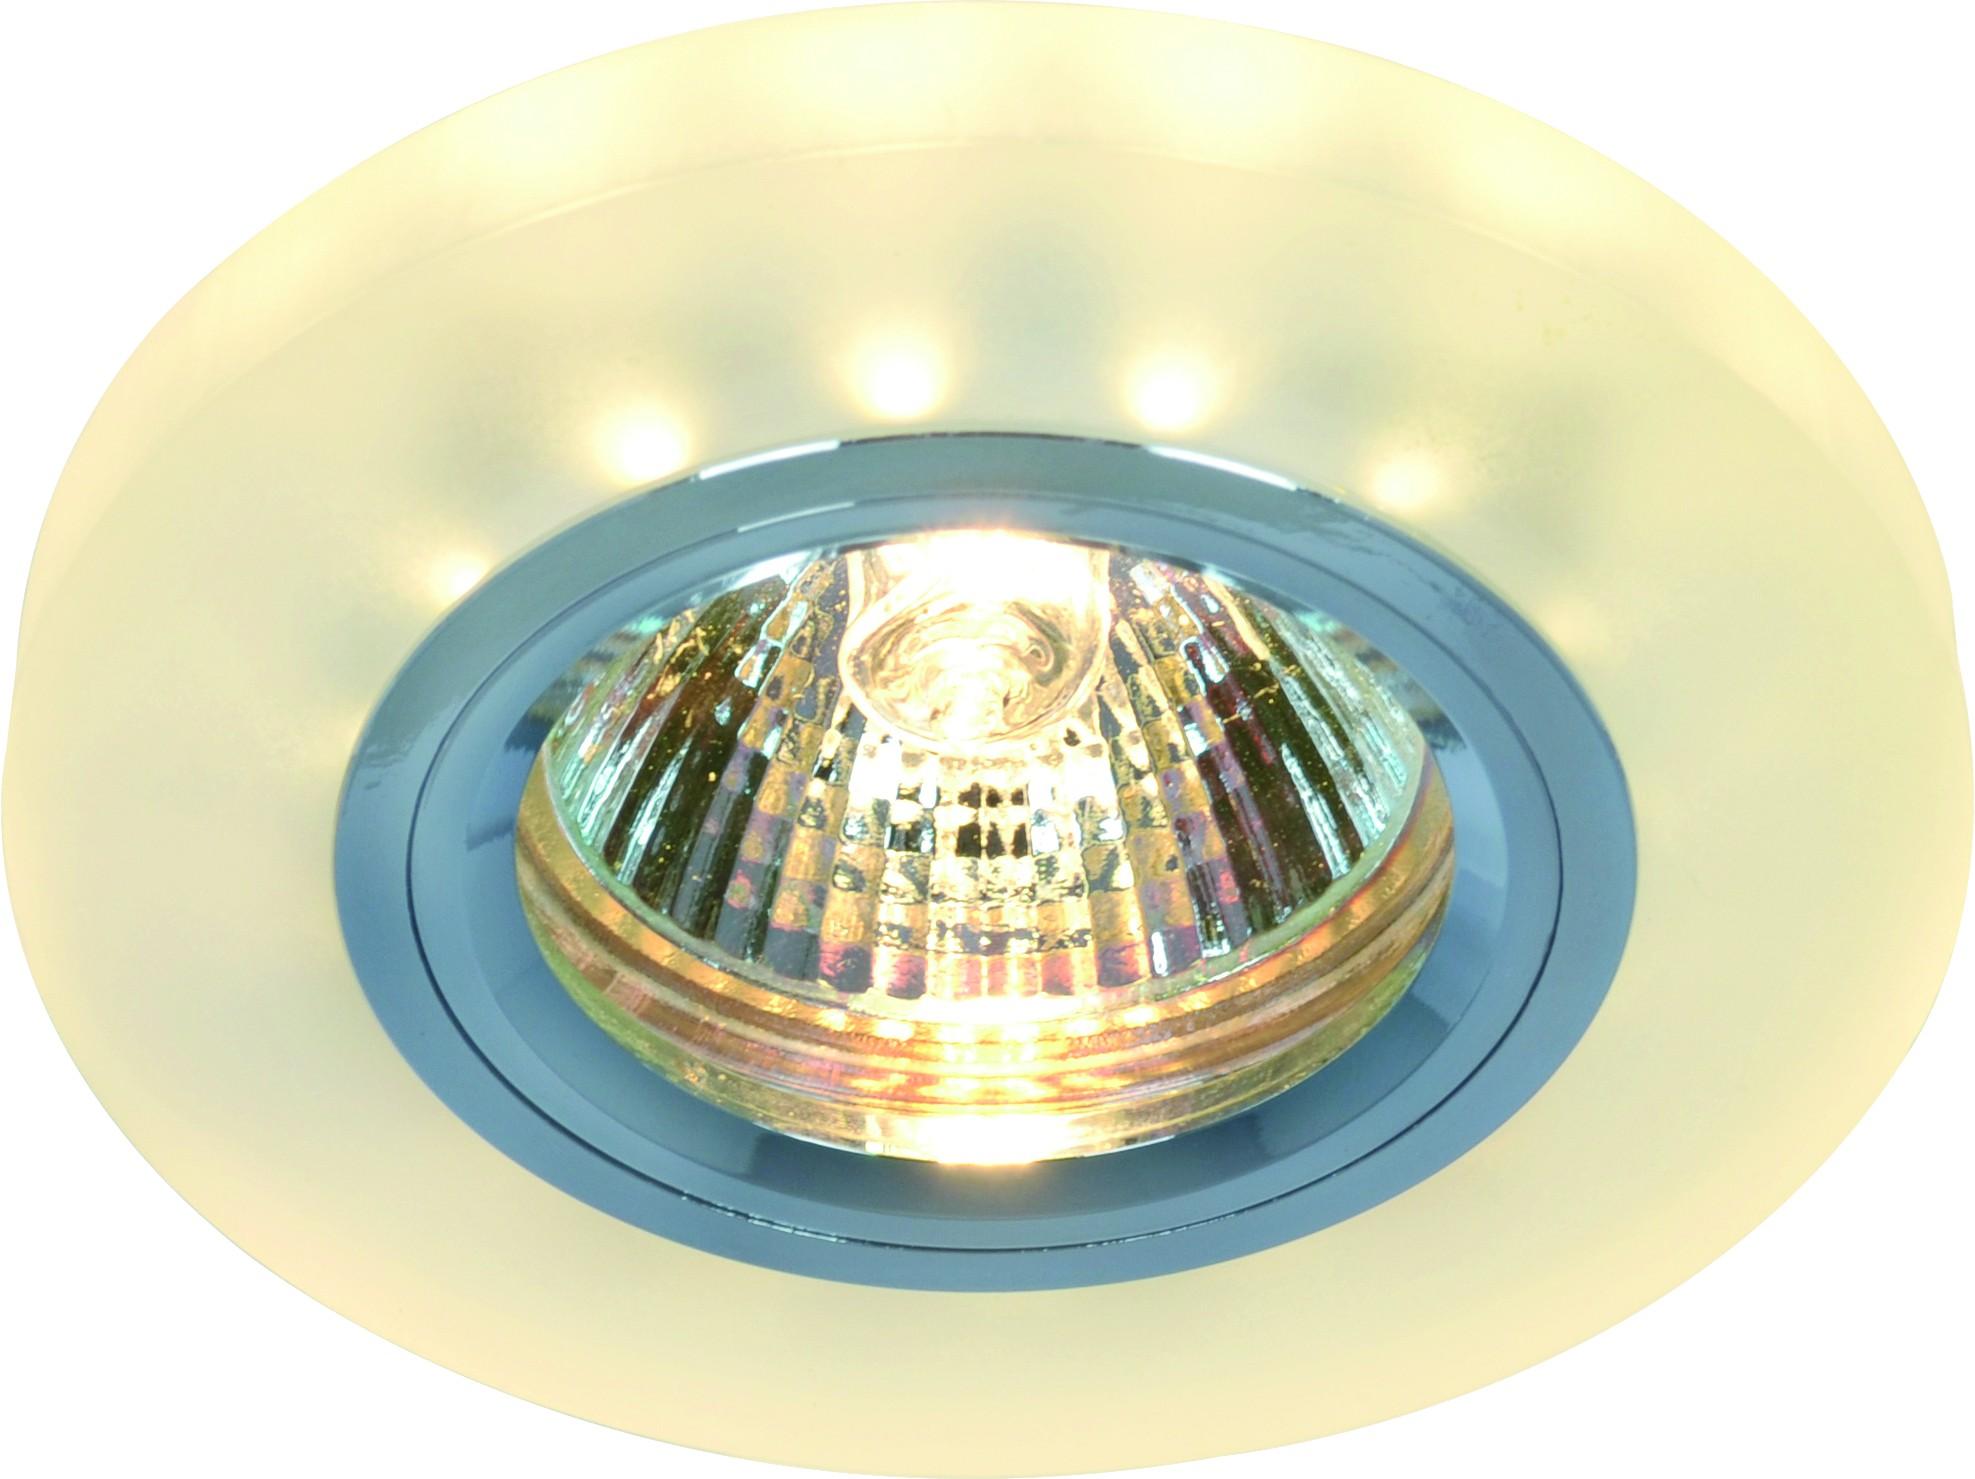 Светильник встраиваемый Arte lamp A5331pl-1wh arte lamp встраиваемый светодиодный светильник arte lamp cardani a1212pl 1wh